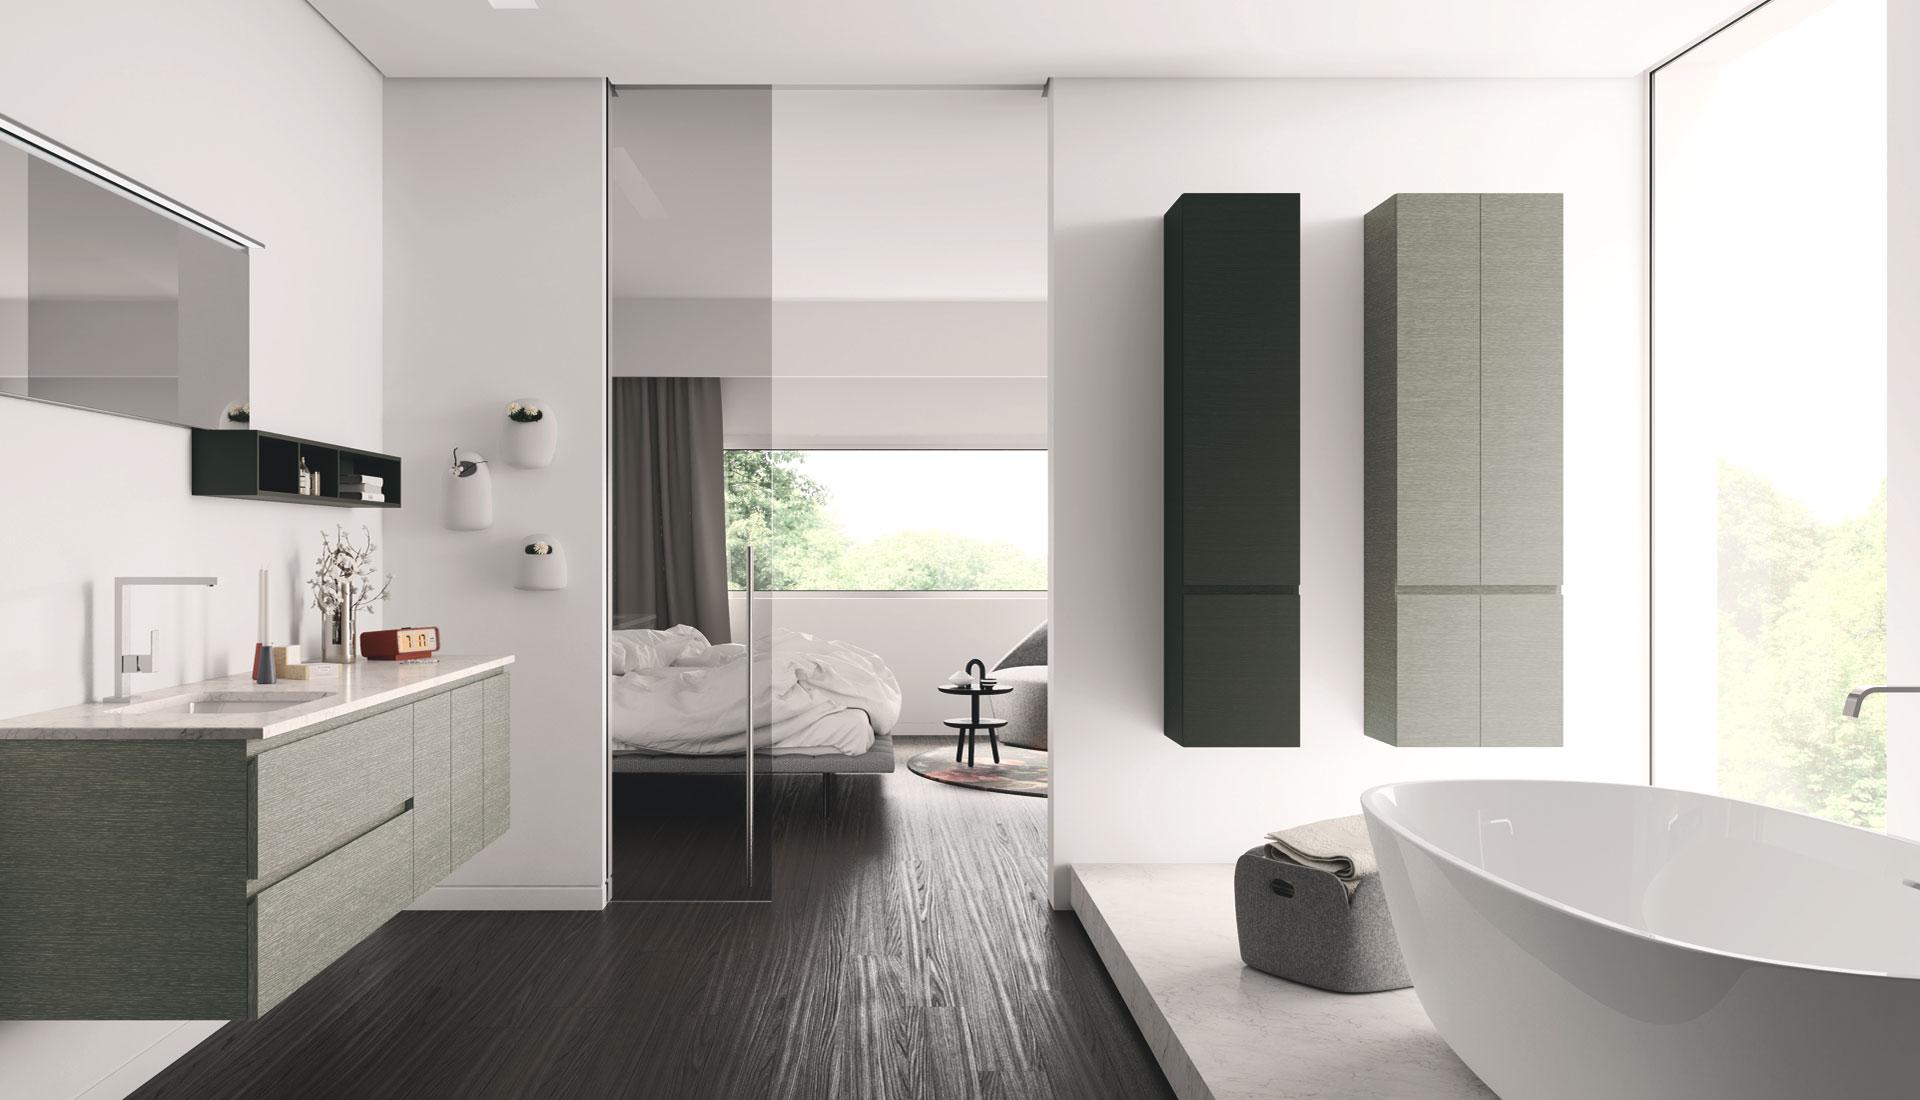 Arredo bagno senza maniglia con gola puntotre arredobagno for Ceramiche per bagno moderno